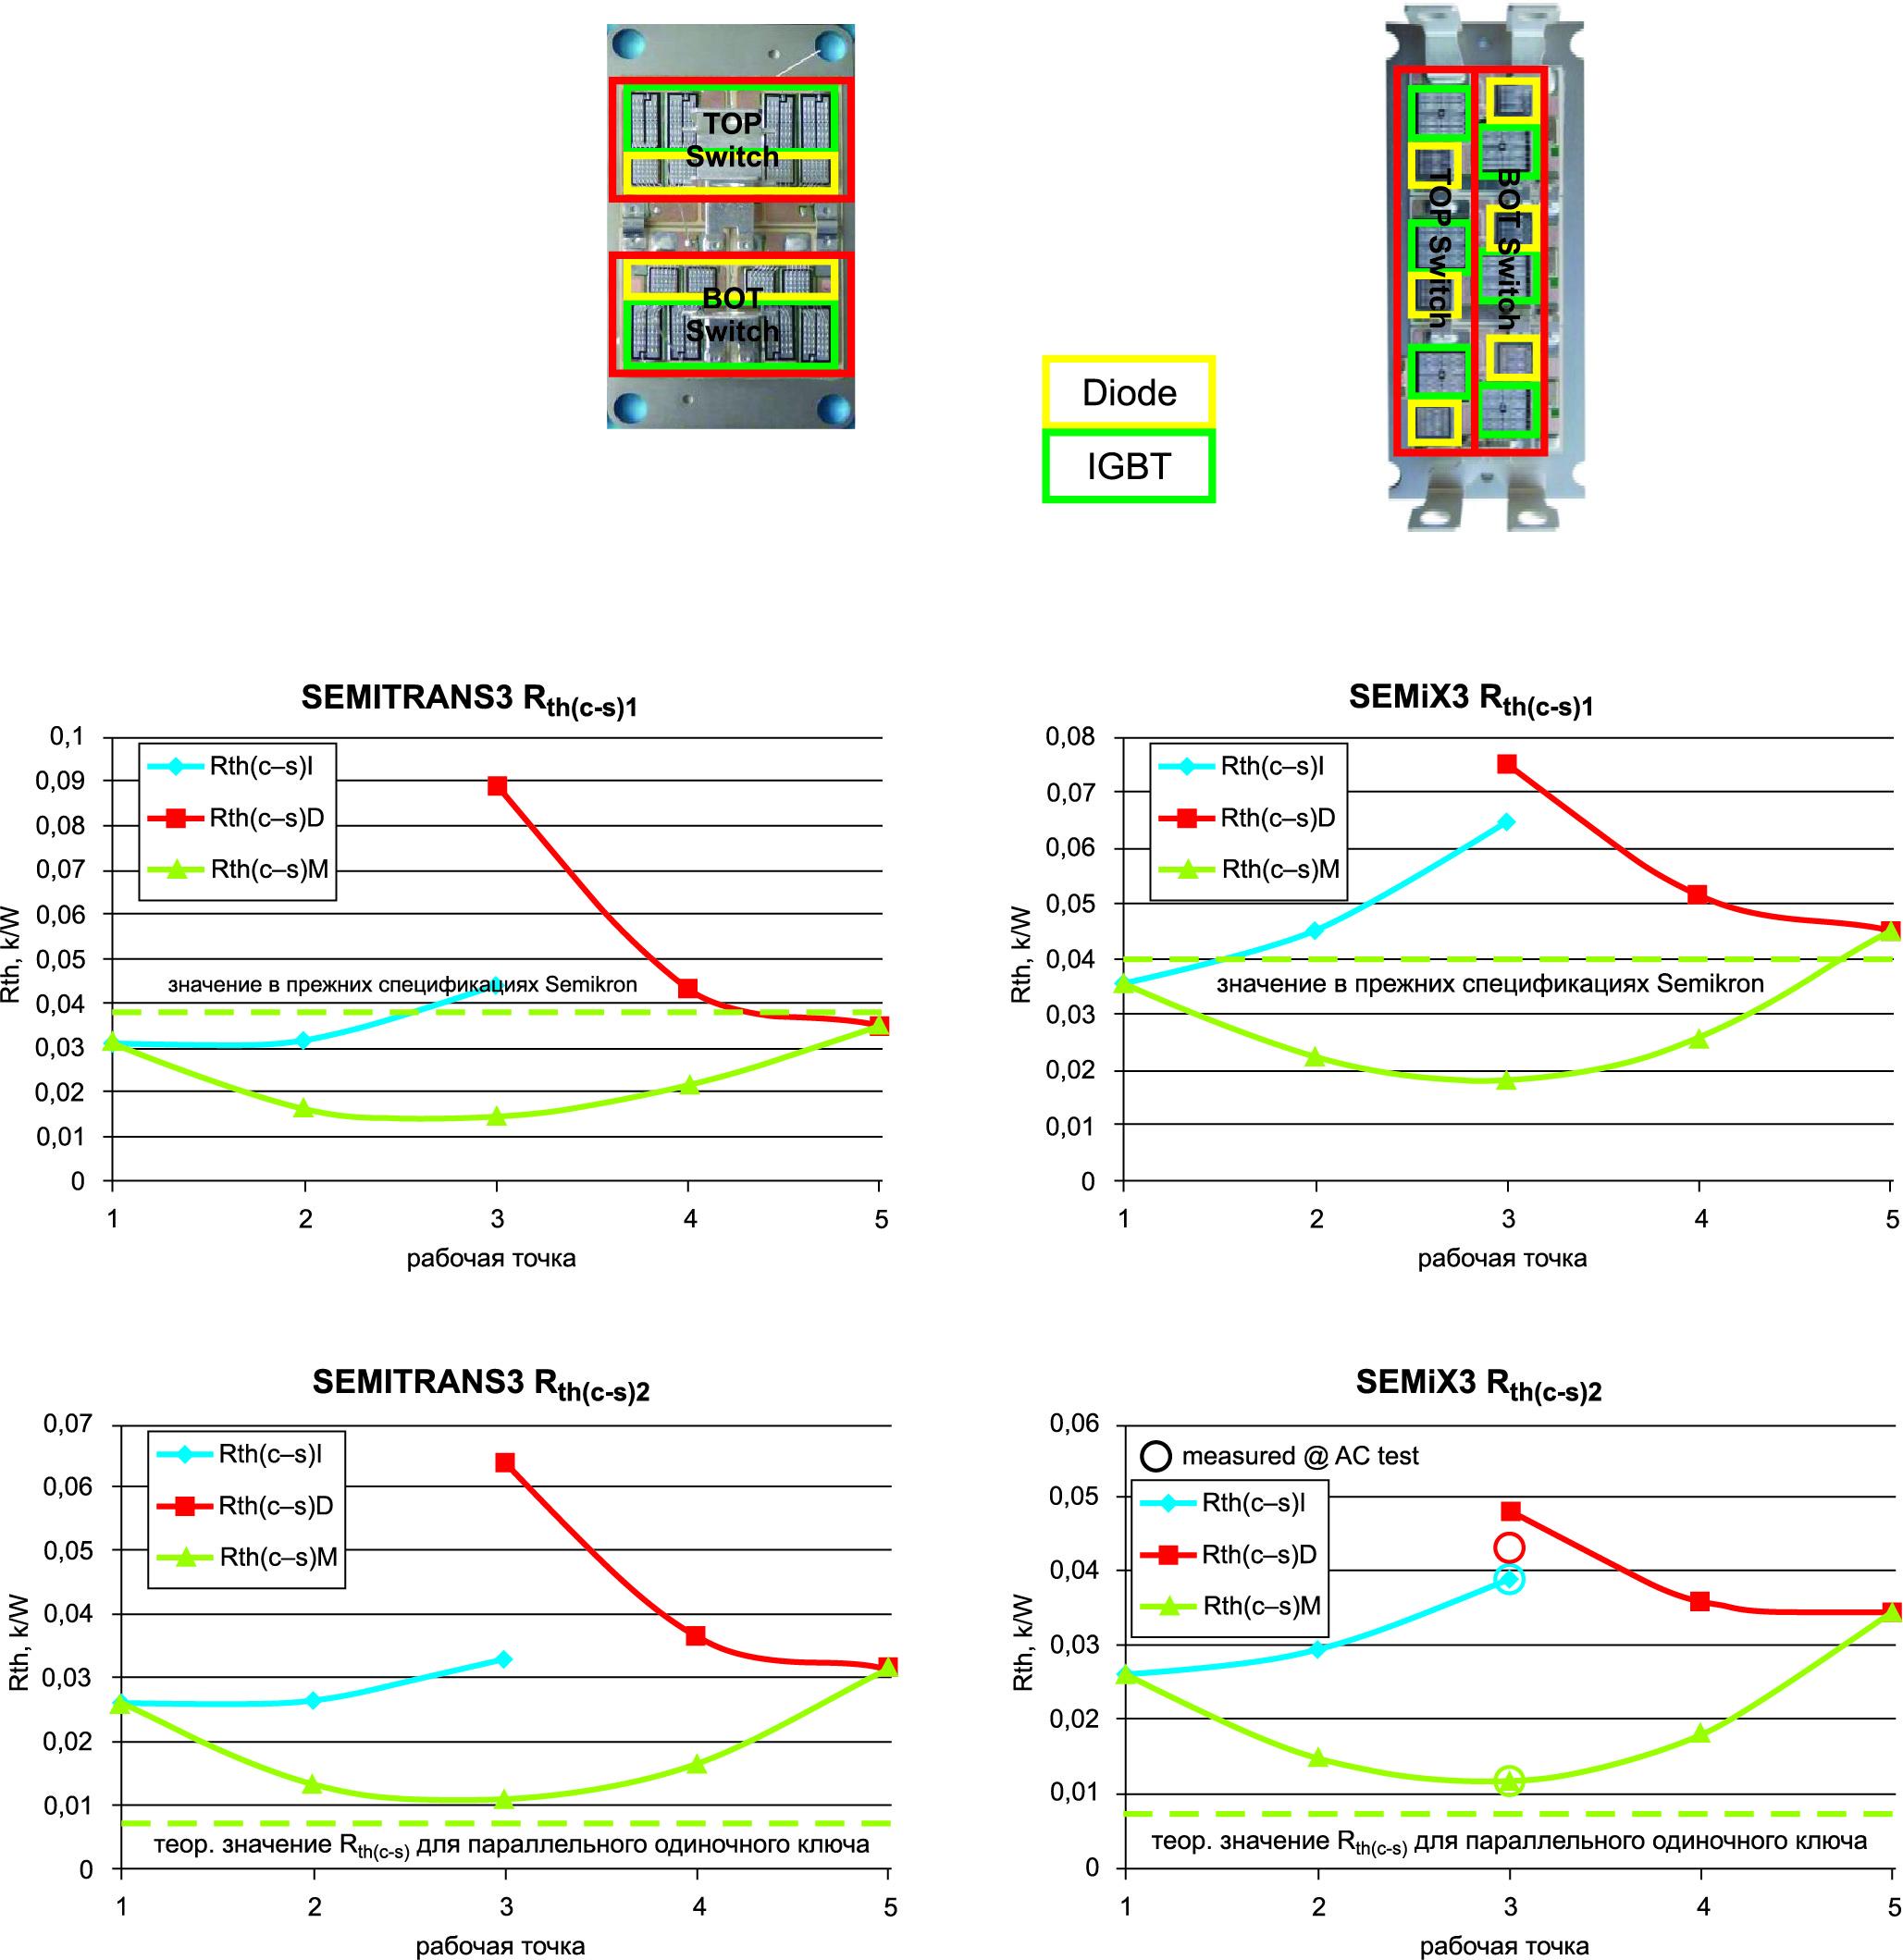 Тепловое сопротивление Rth(c–s) 450-А модуля SEMITRANS (слева) и SEMiX (справа) при различных уровнях тепловой связи между ключами (табл. 4)